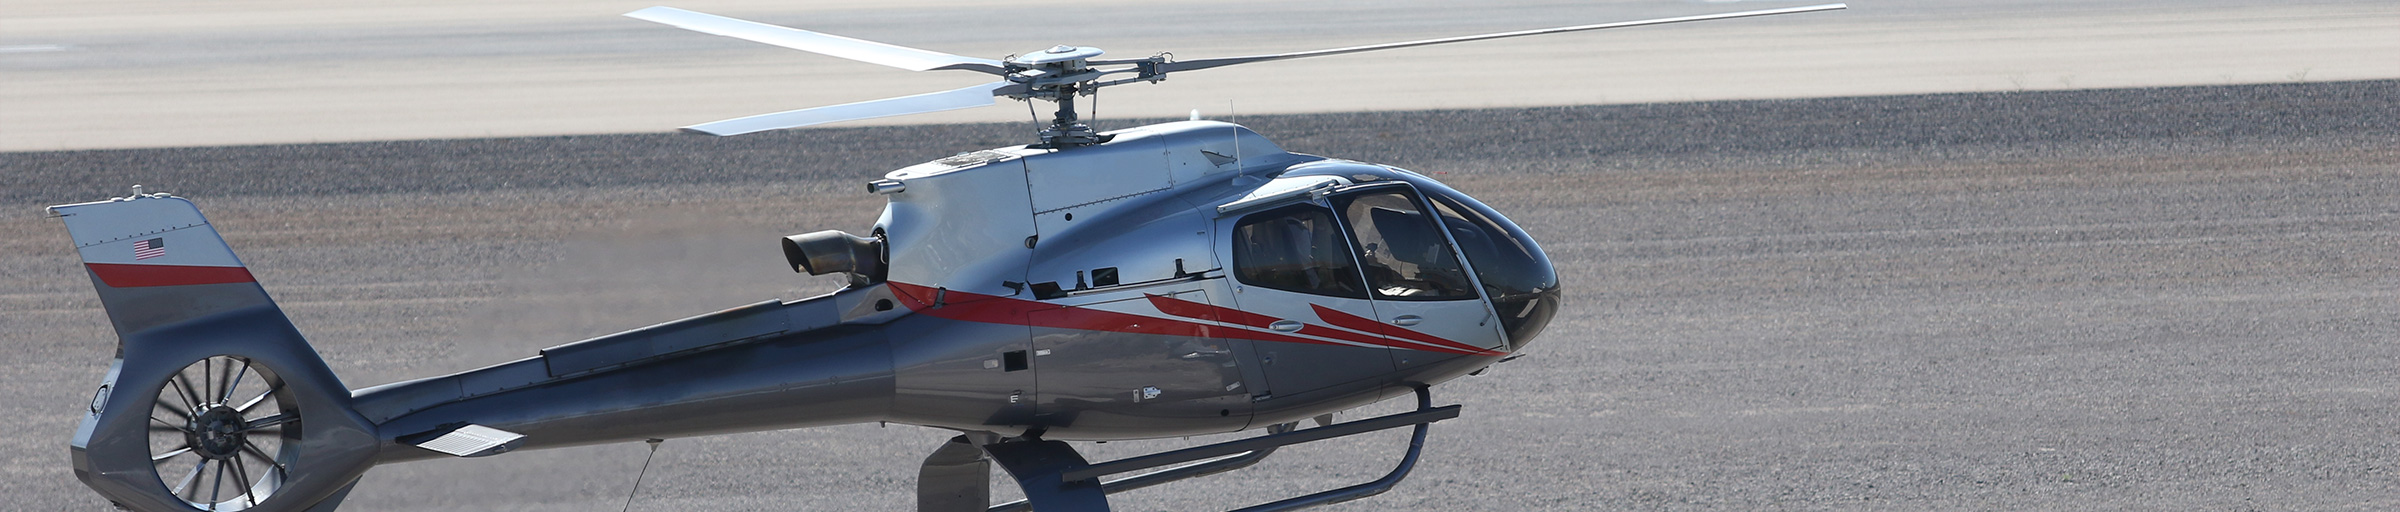 Regional Heliport